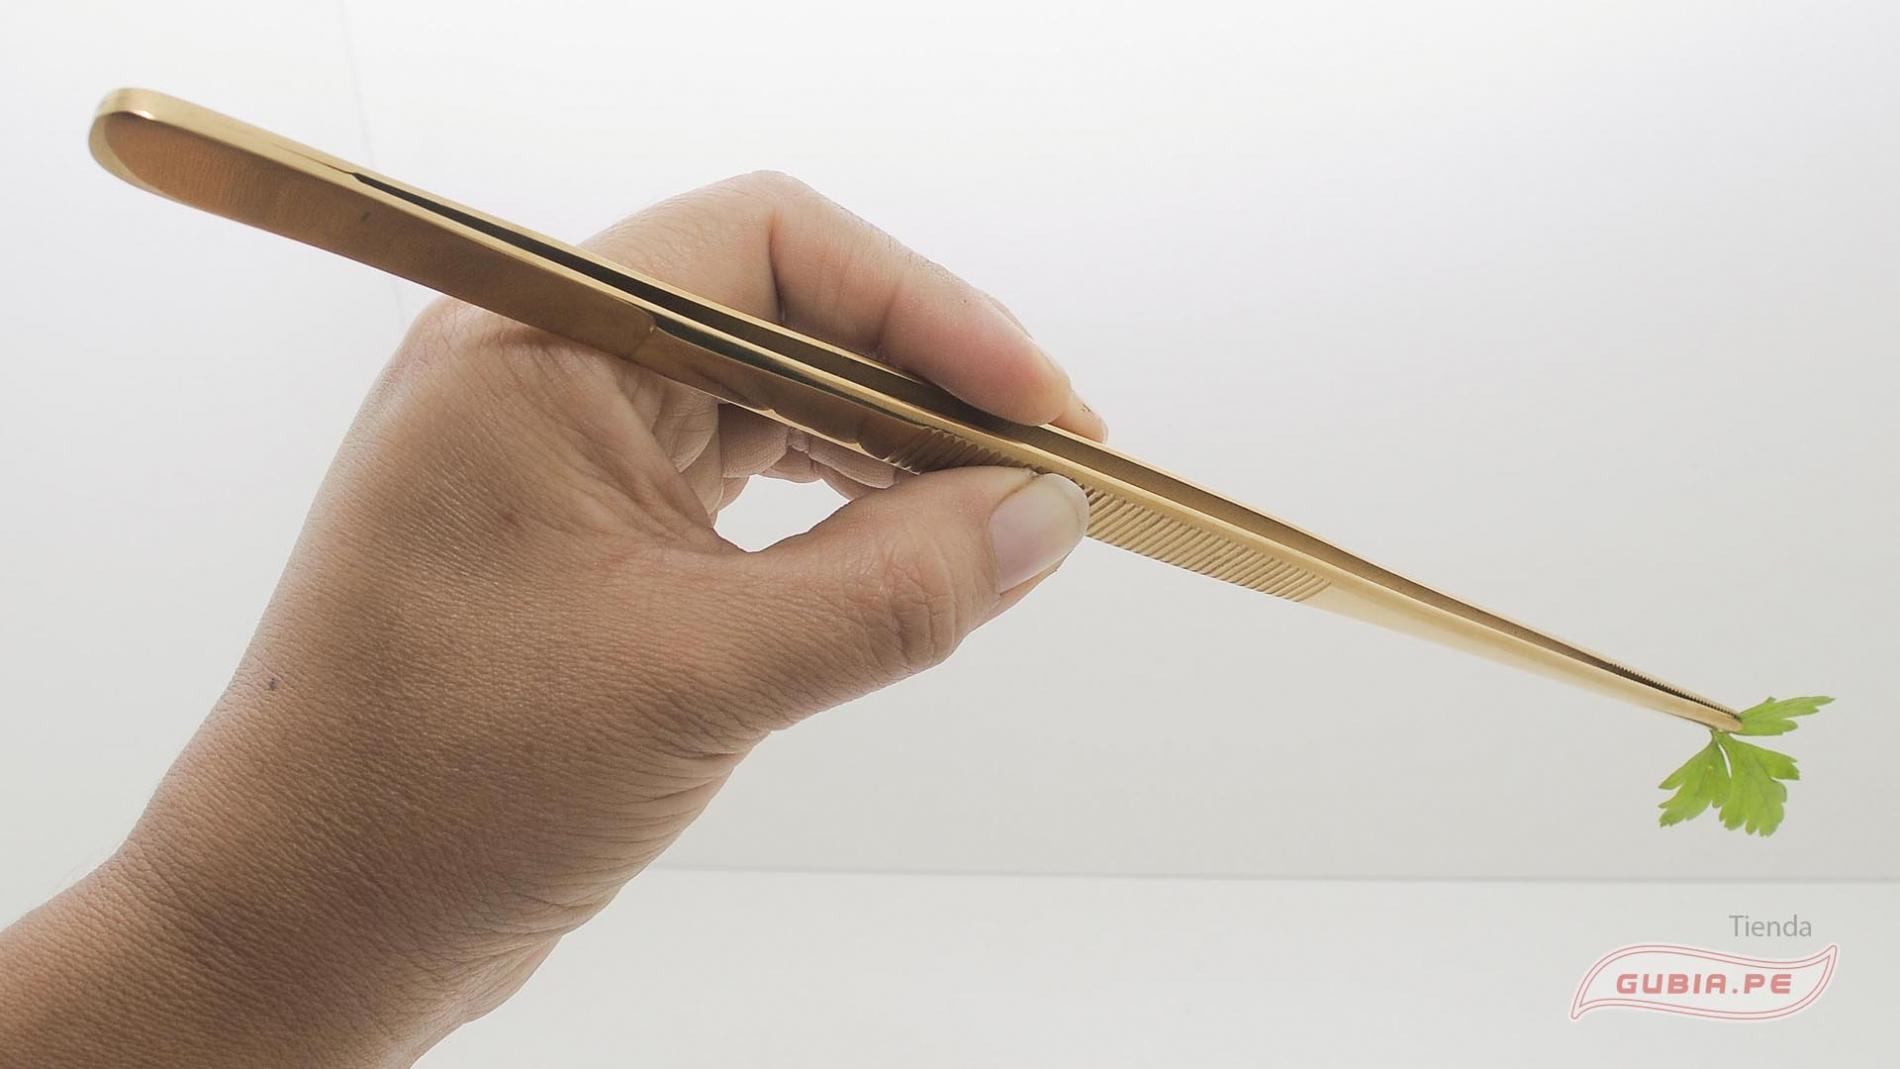 GUB0075-Pinza 20cm de colores recta para emplatado GUB0075-max-1.